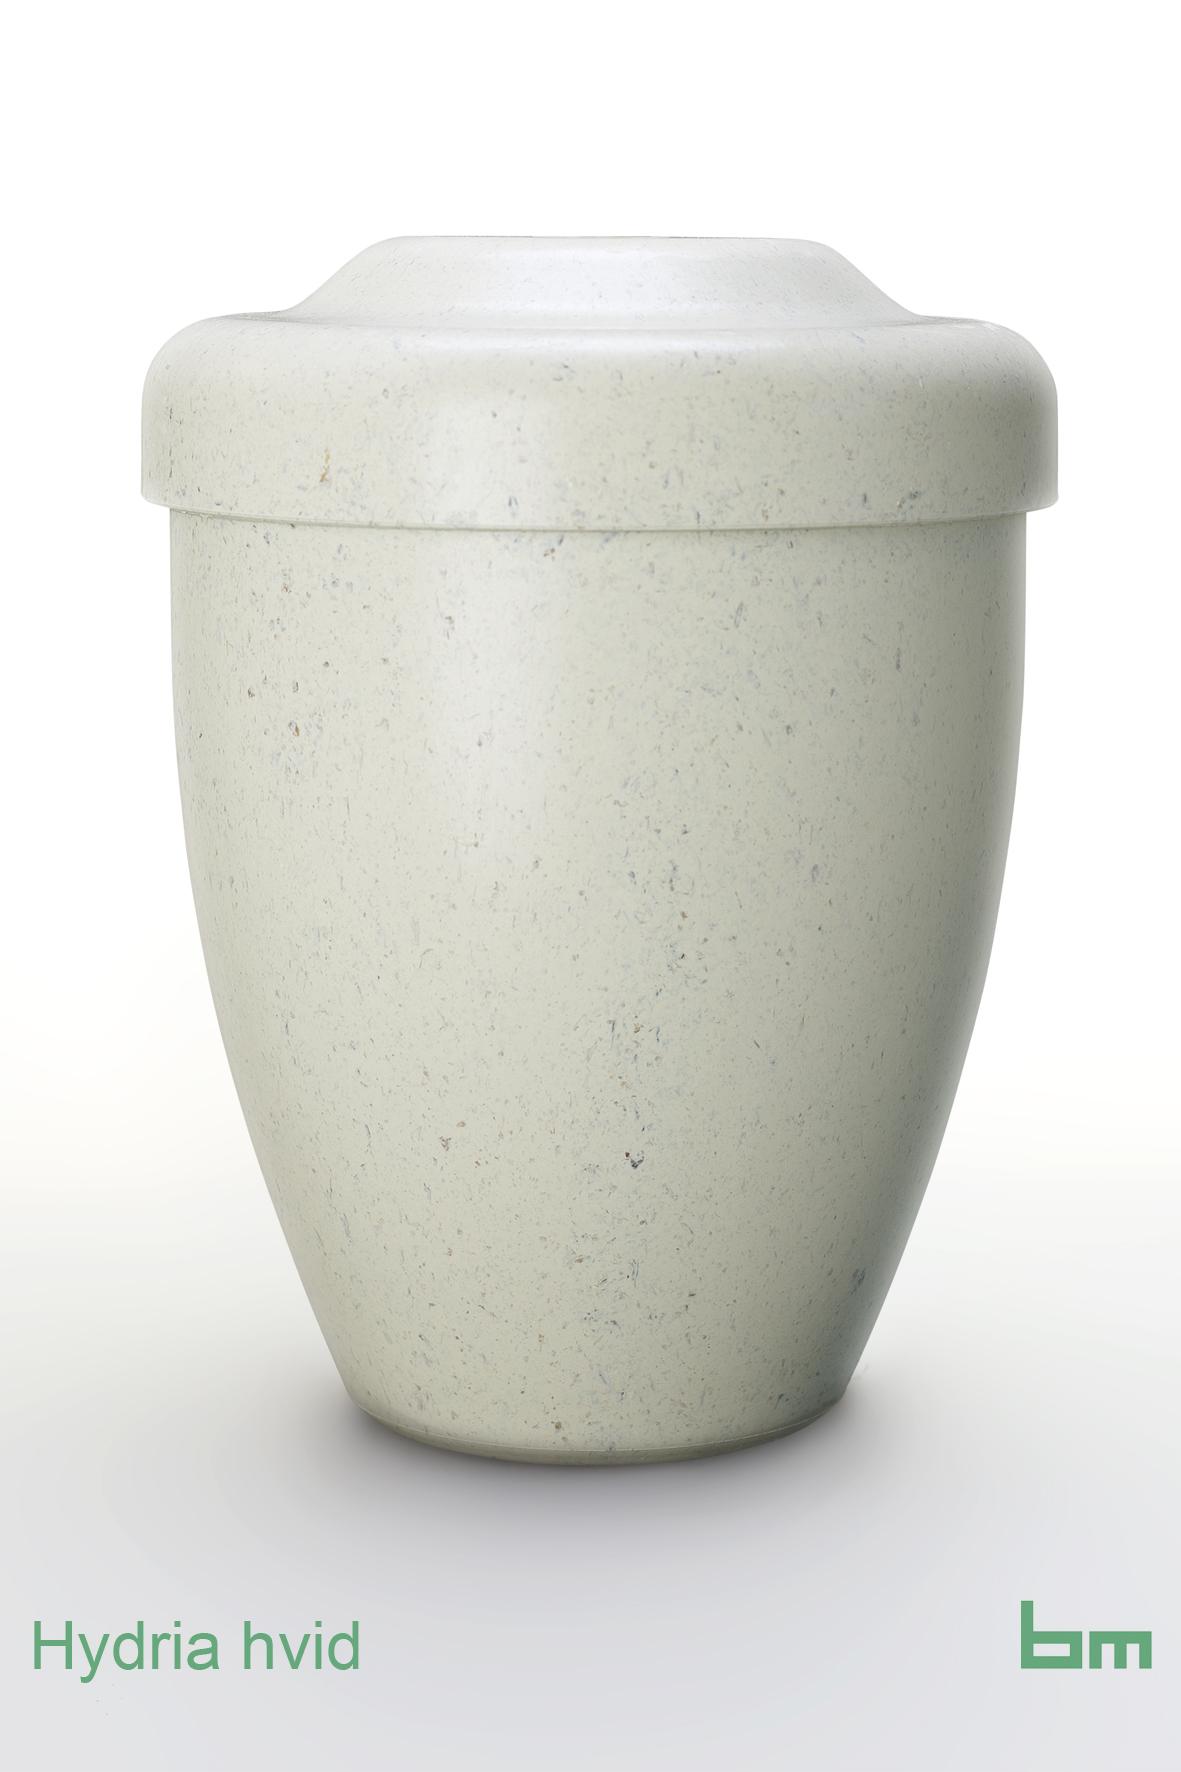 Hydria hvid